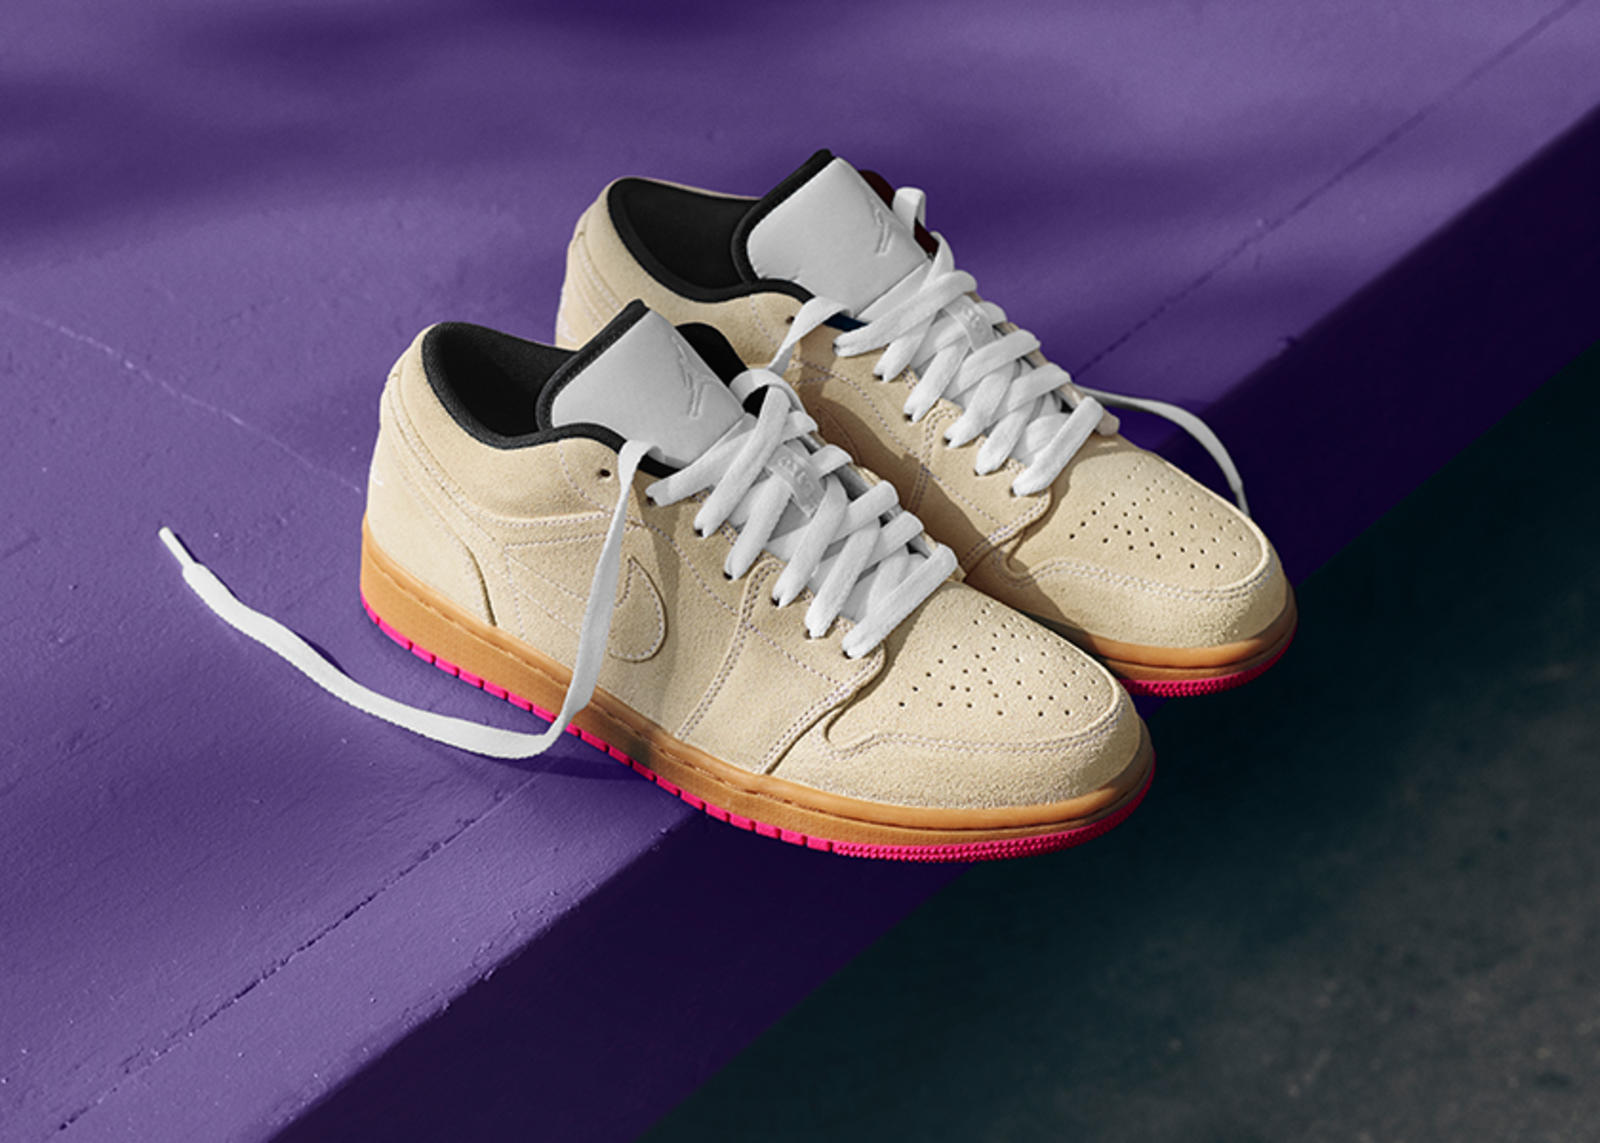 Air Jordan 1 Nike SB Nike News